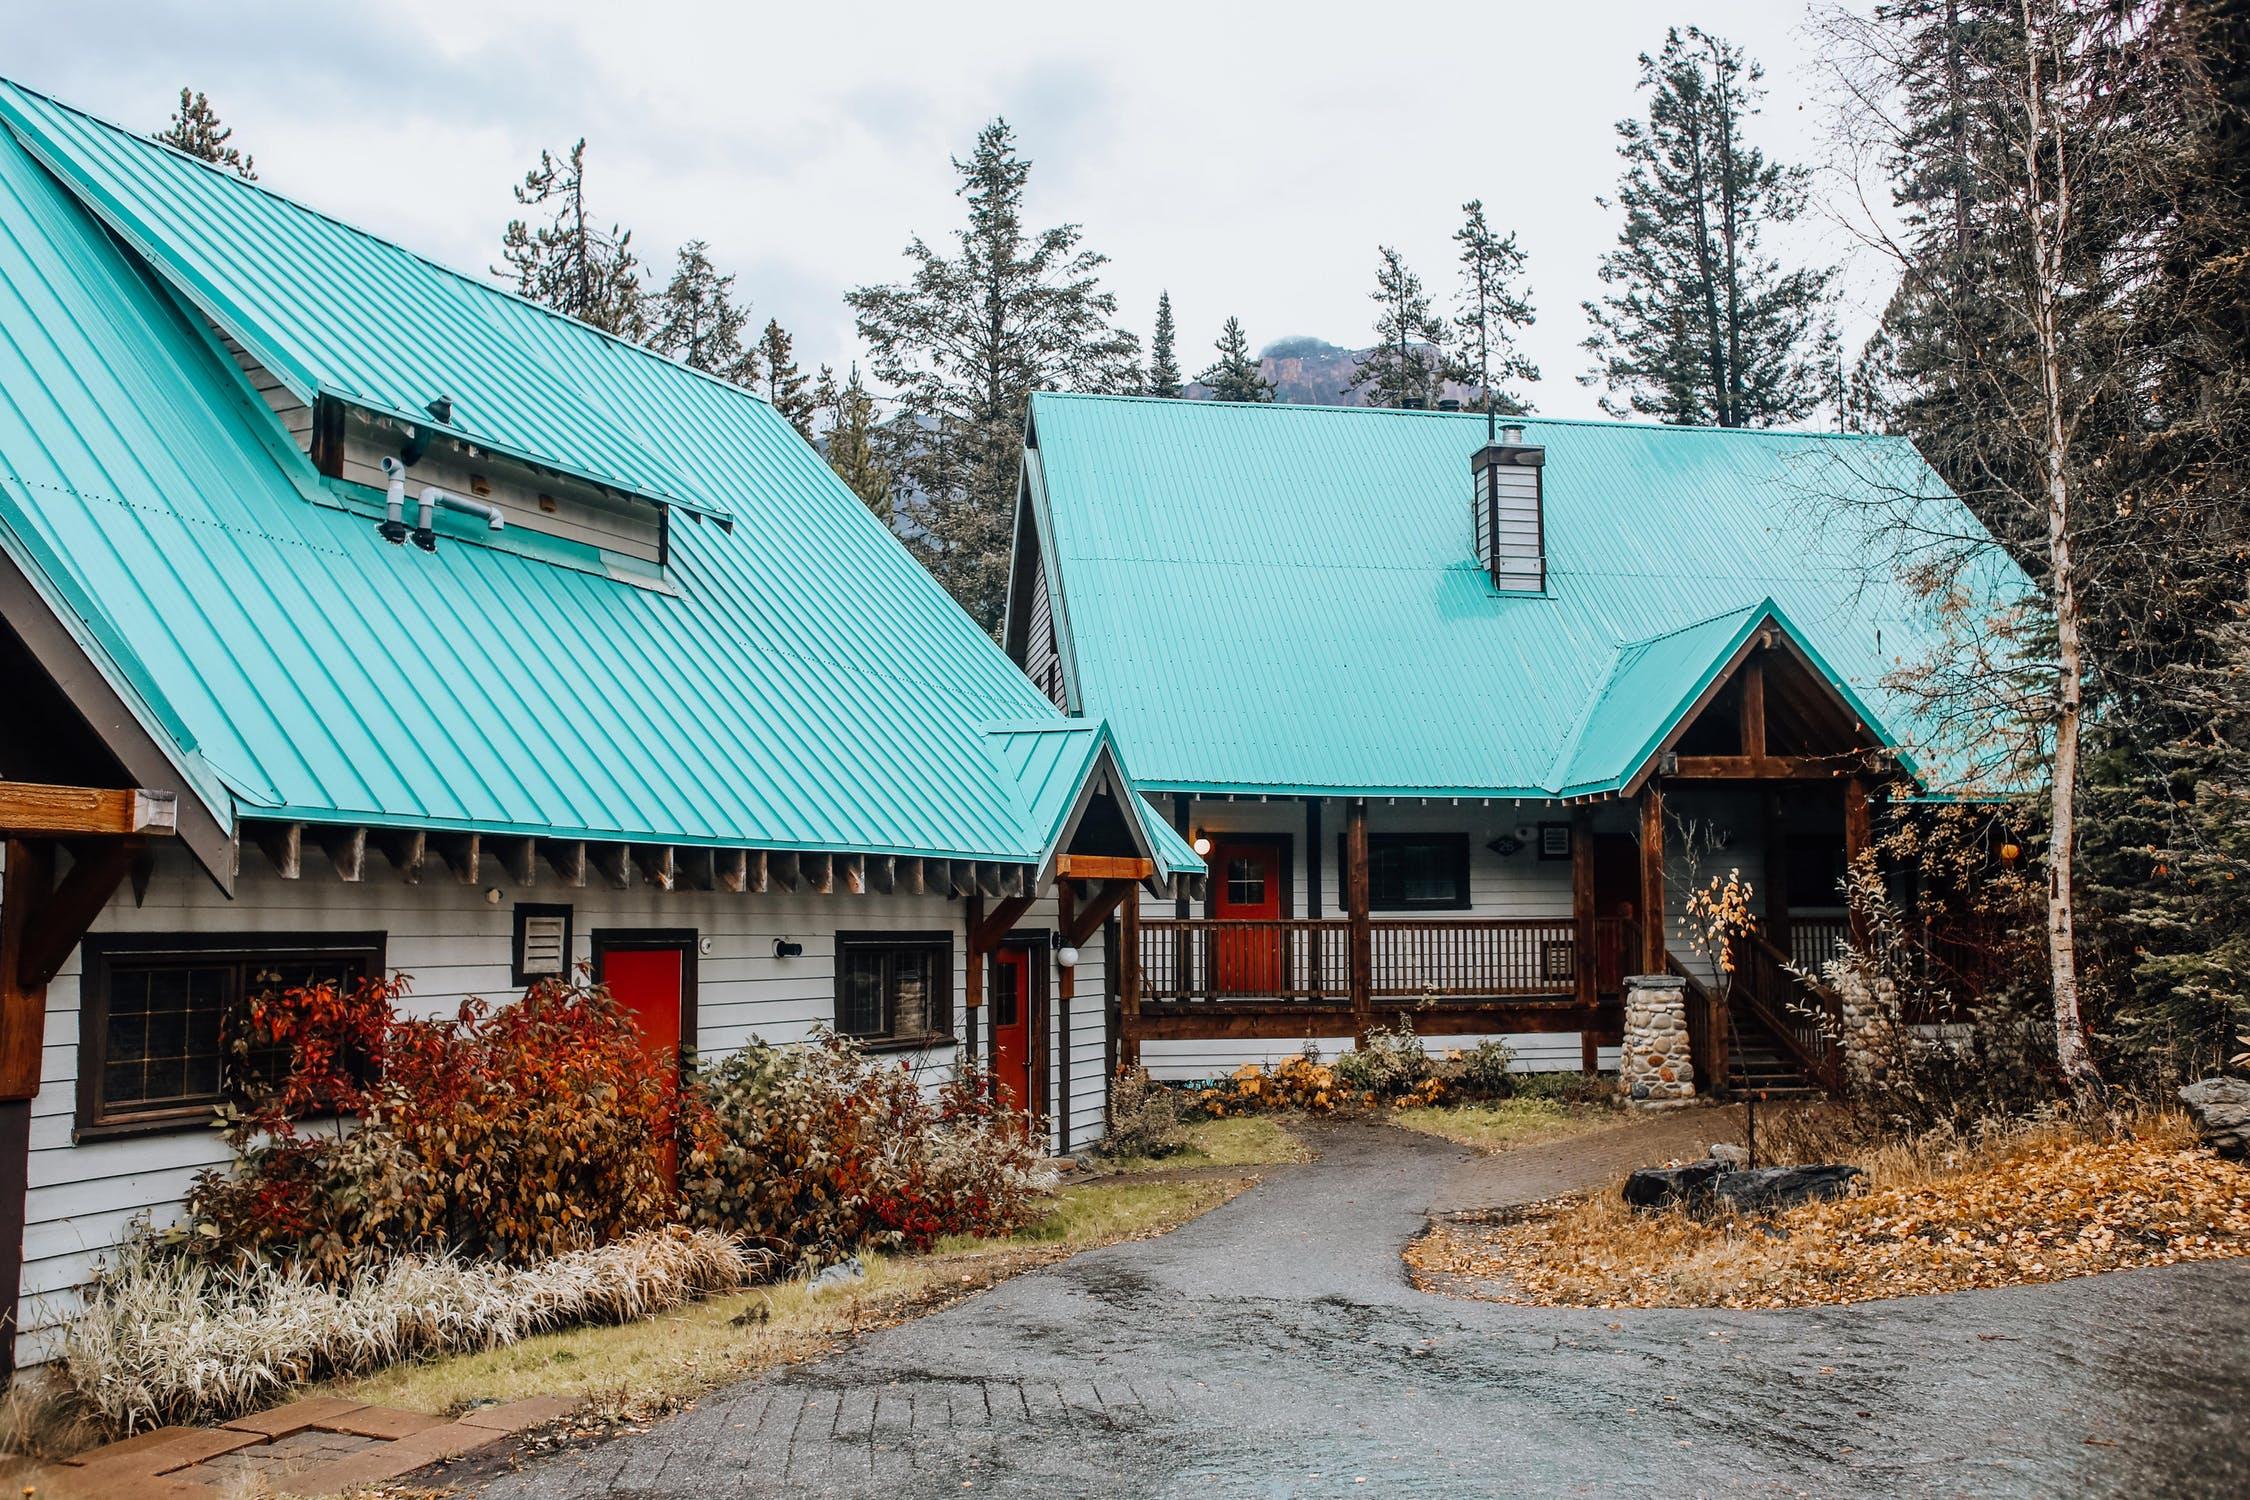 Boek een vakantie op Ameland in deze vakantiehuizen!